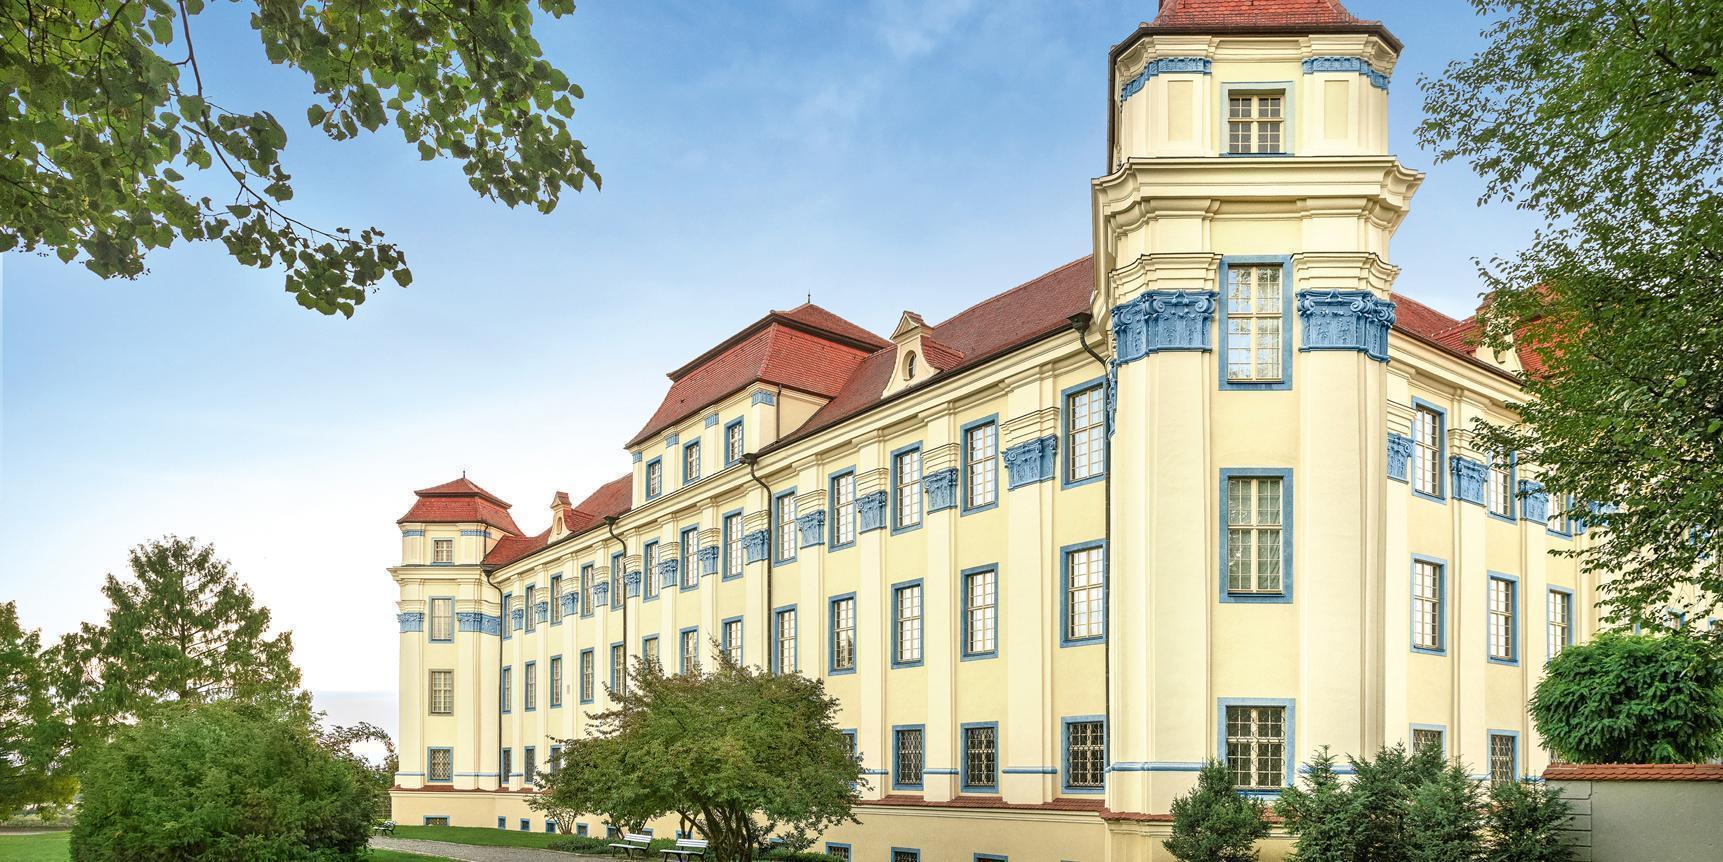 Tettnang New Palace; Photo: Staatliche Schlösser und Gärten Baden-Württemberg, Joachim Moll